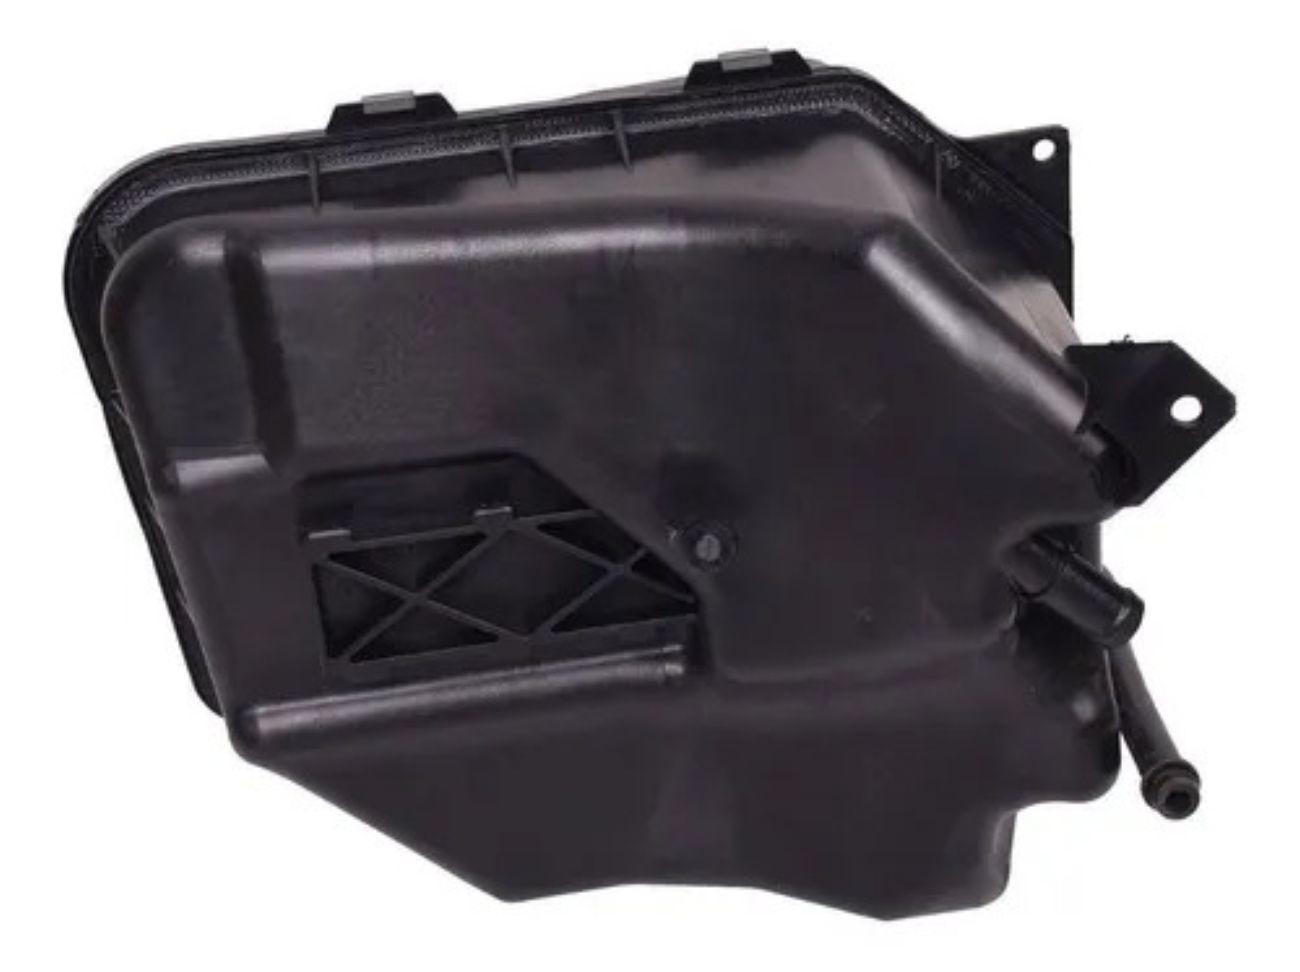 RESERVATORIO AGUA RADIADOR AUDI Q7 VW TOUAREG CAYENNE 3.2 3.6 V6 4.2 4.8 V8